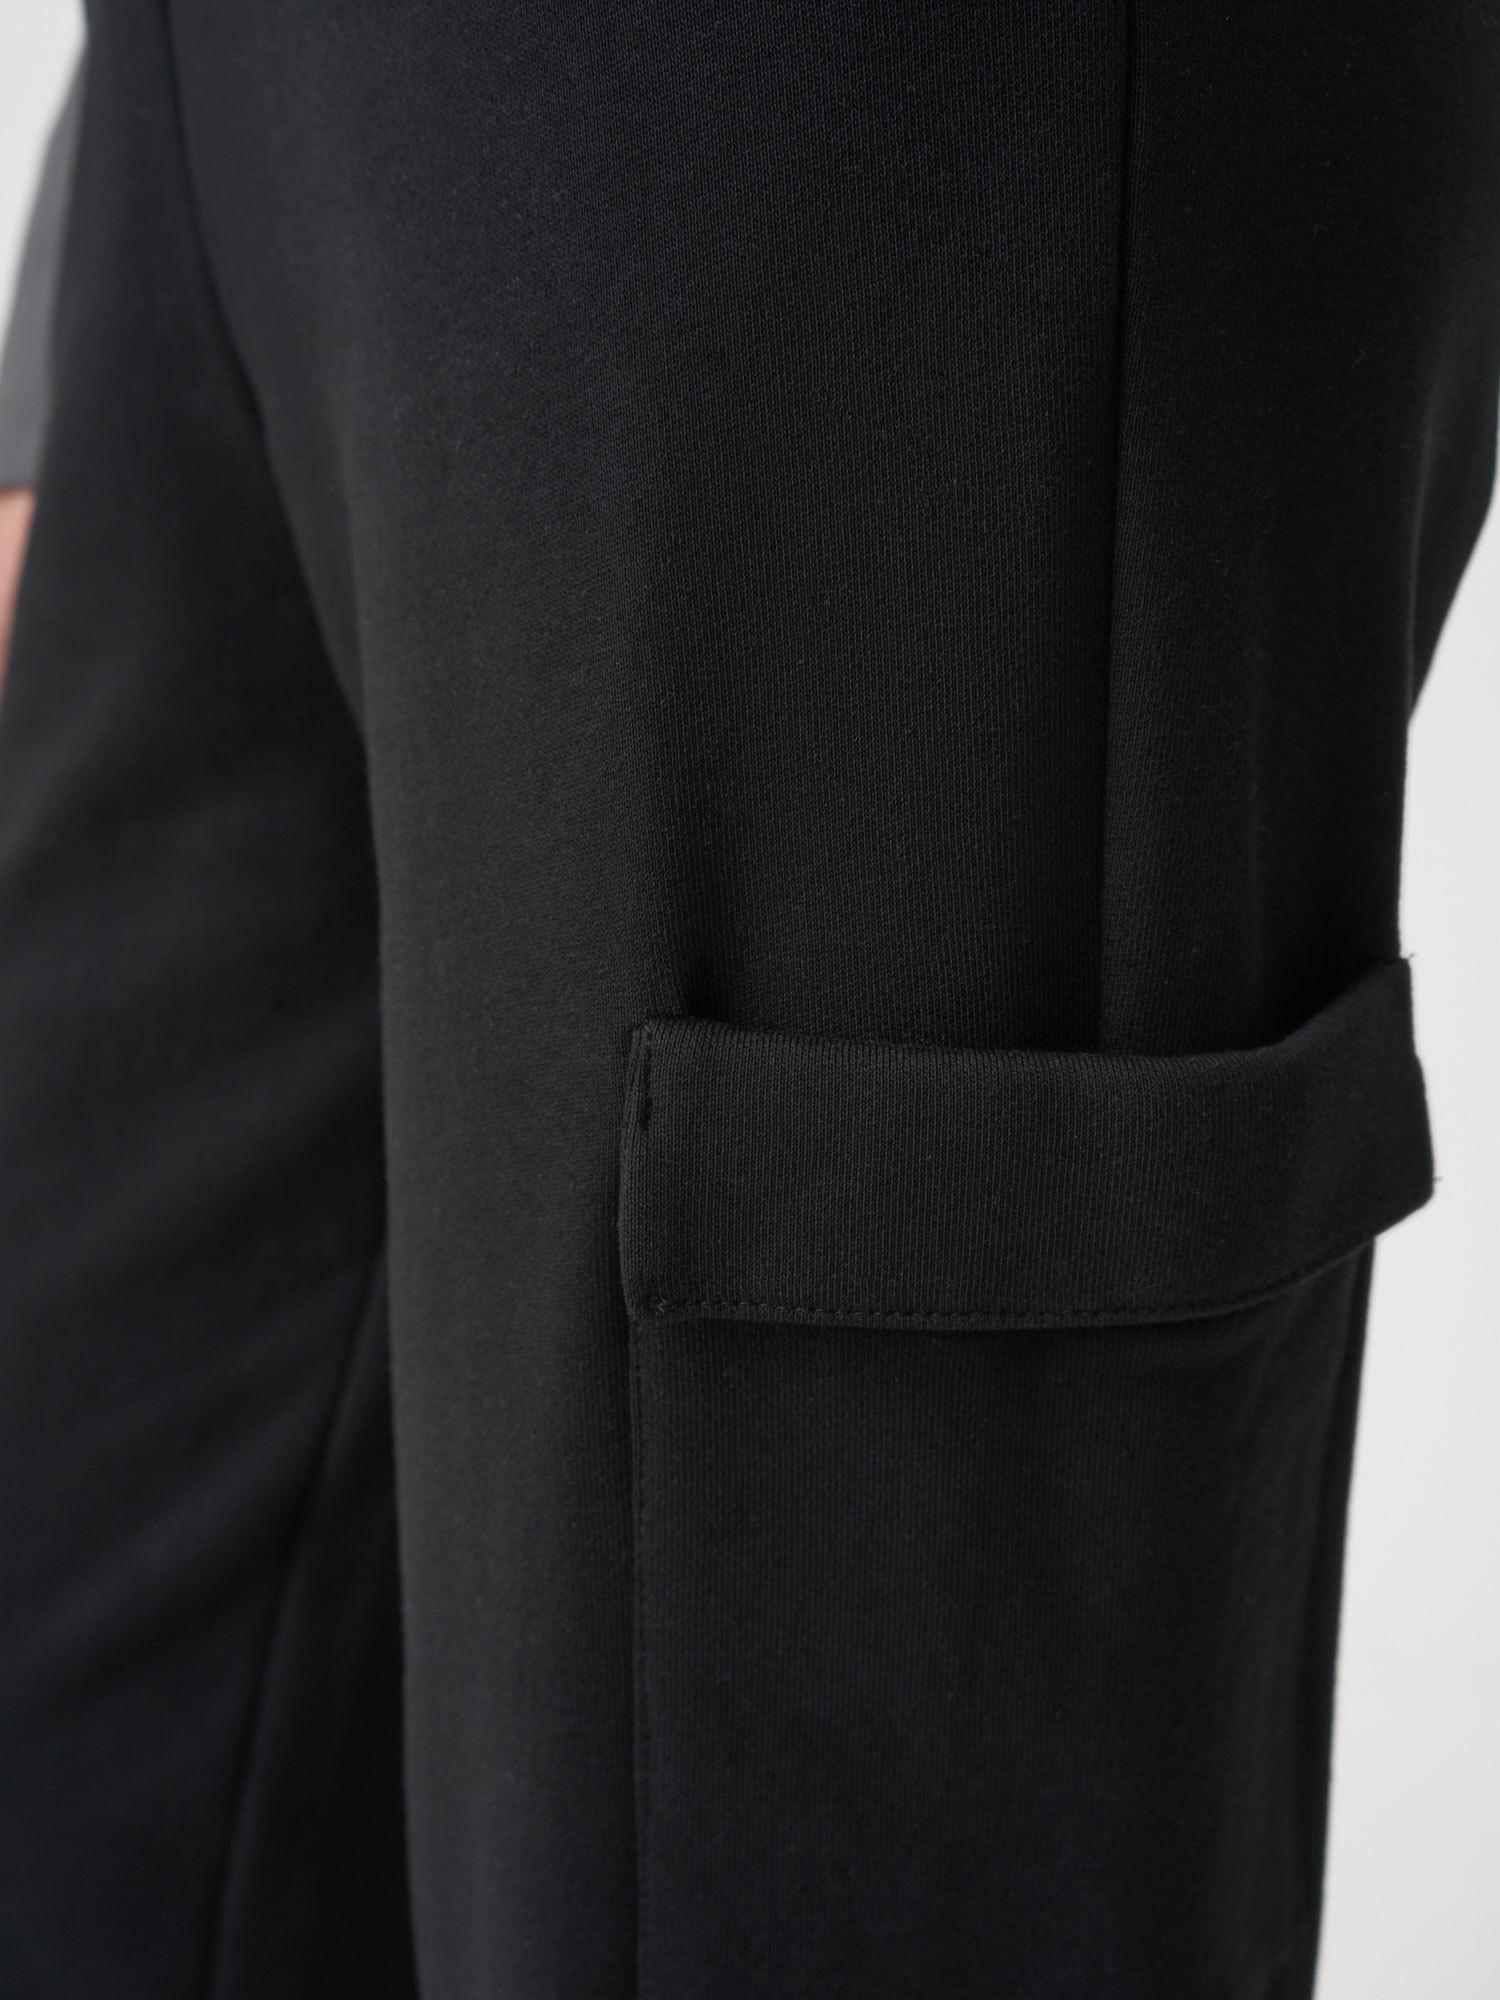 Брюки Pam с объемными карманами сбоку, Черный